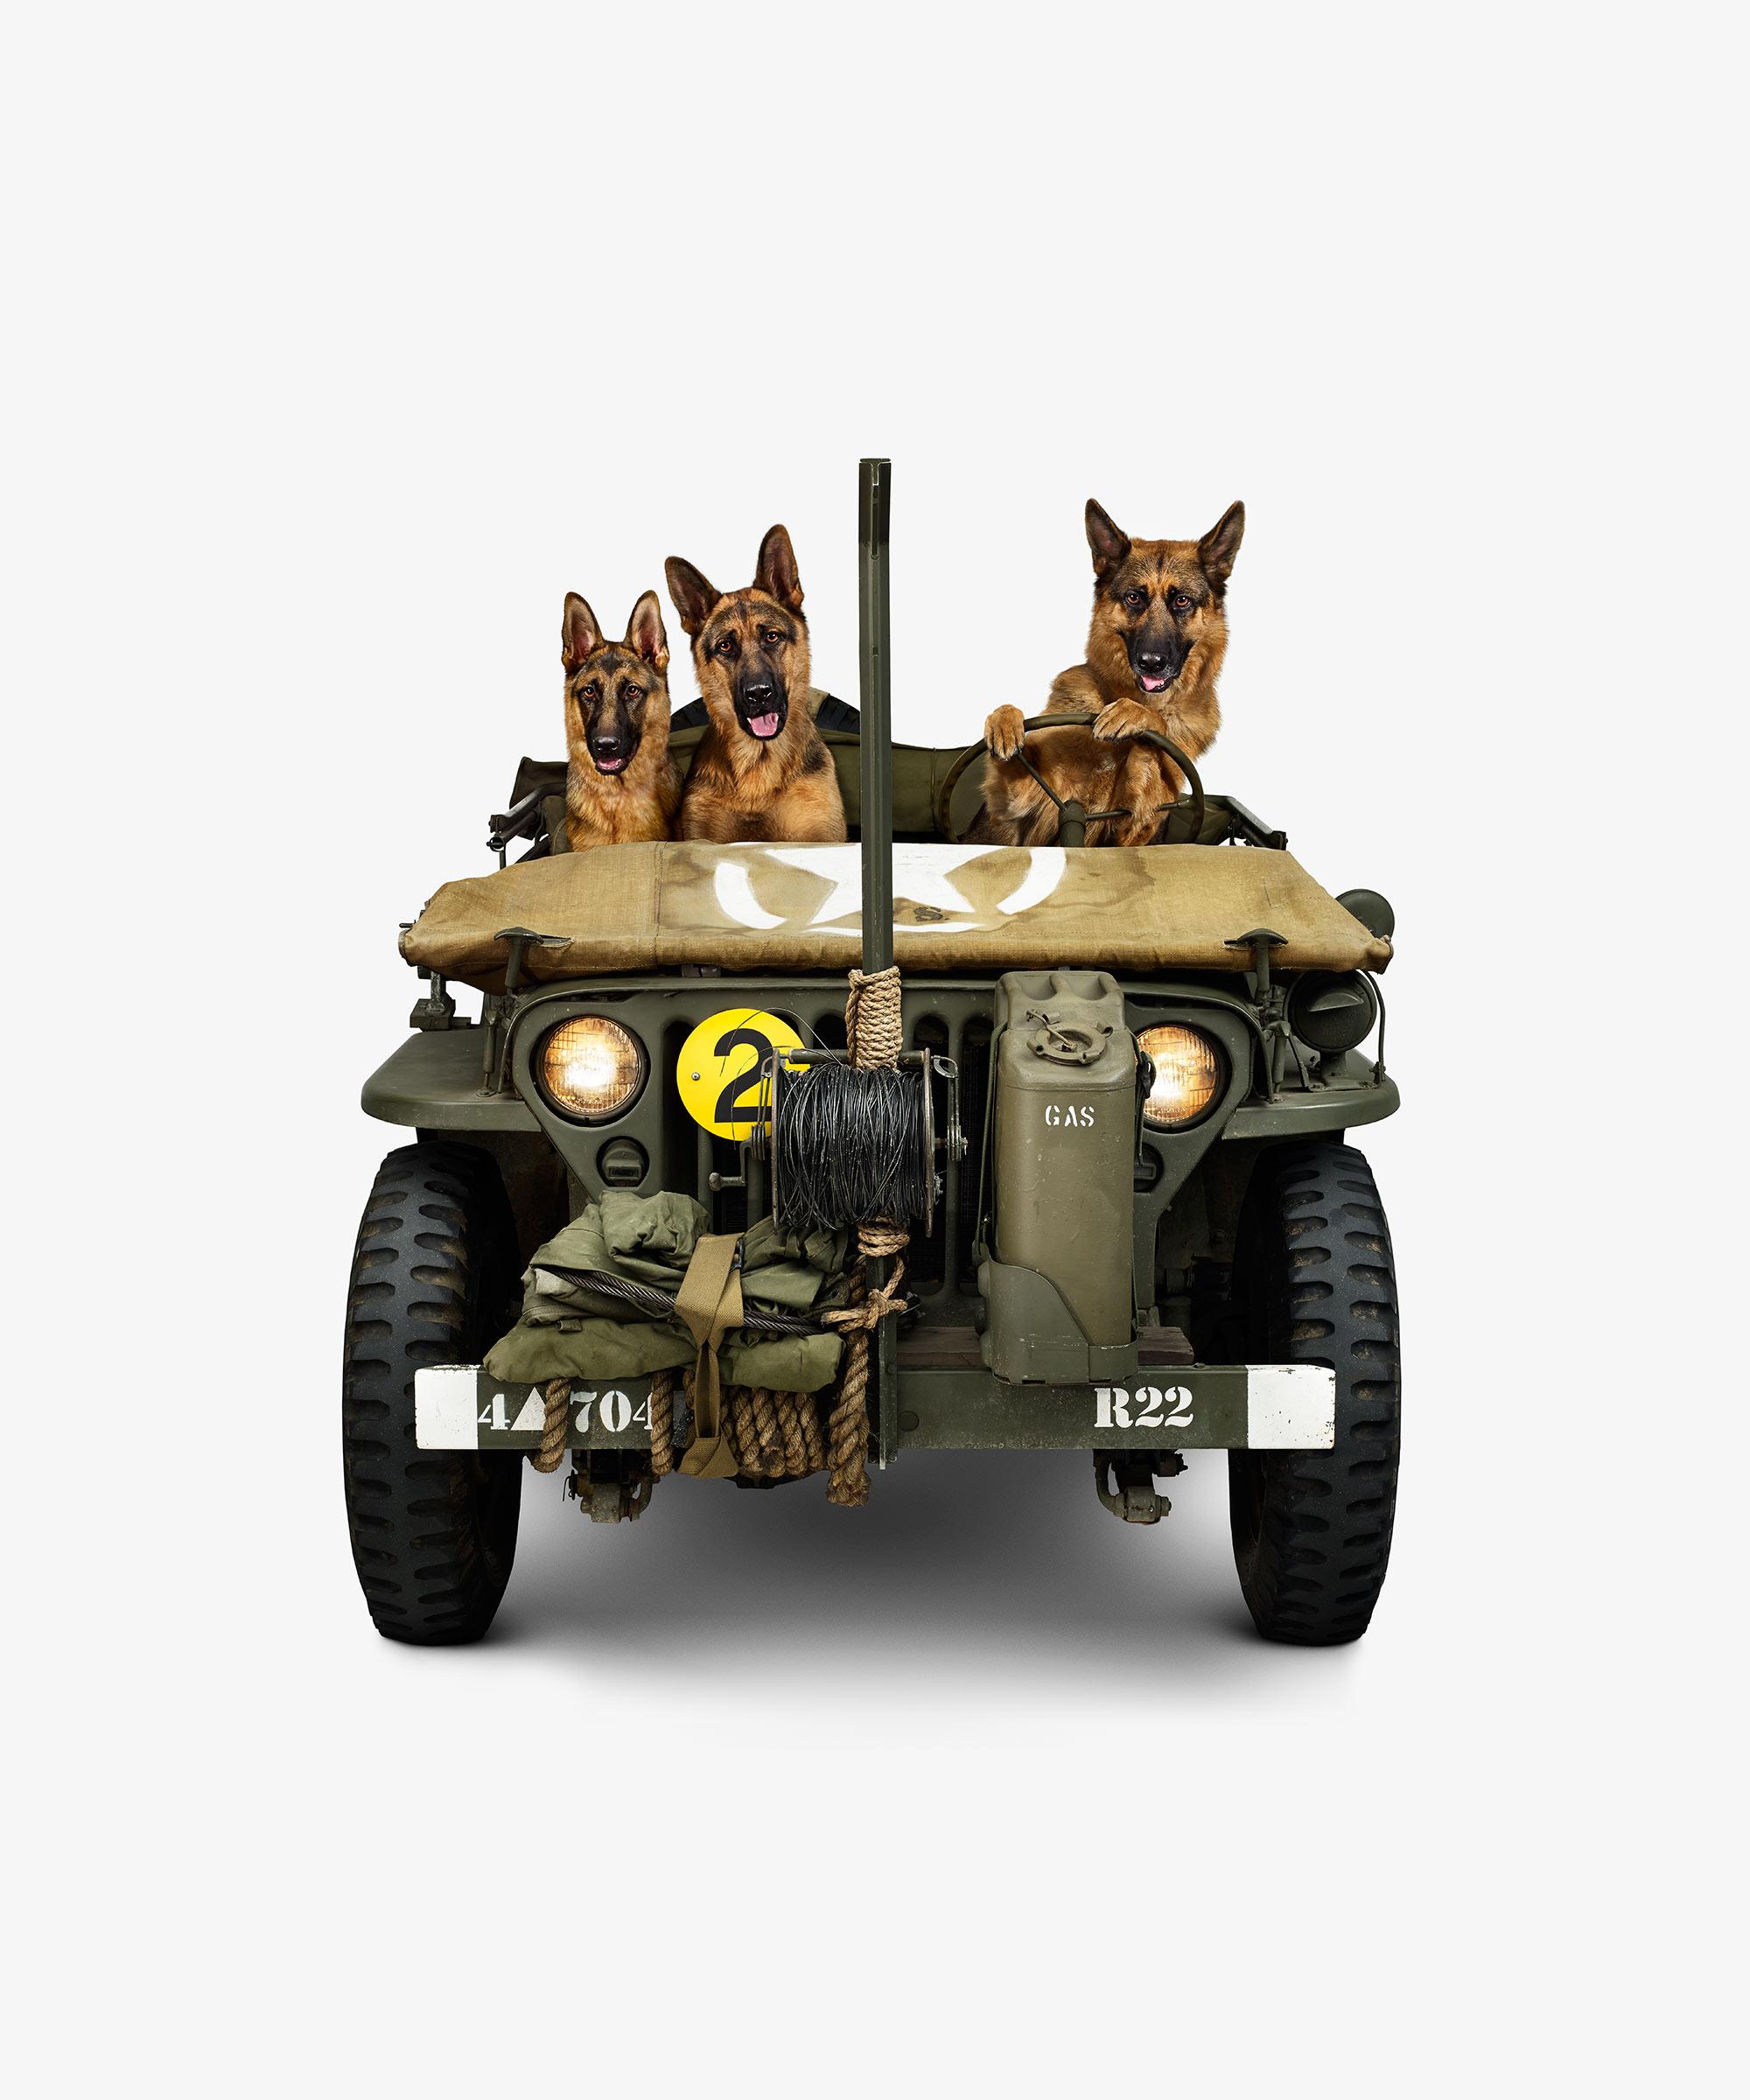 Jeep Willy & German Shepherds (17 x 17)